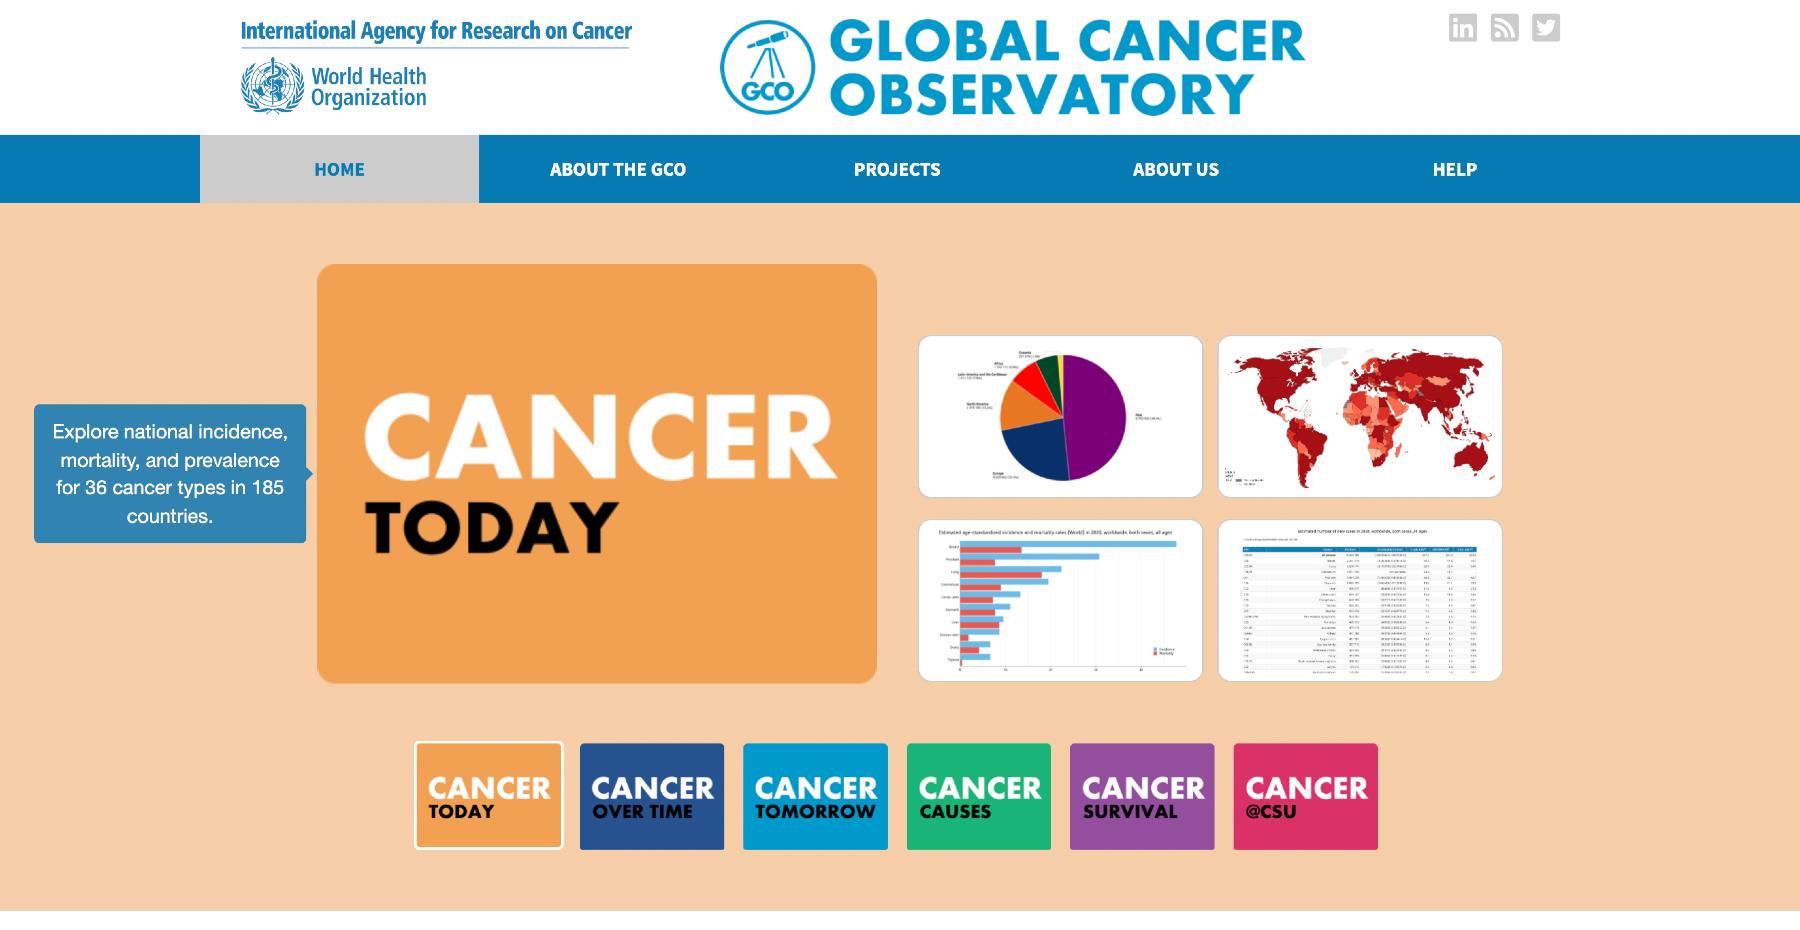 Global Cancer Observatory